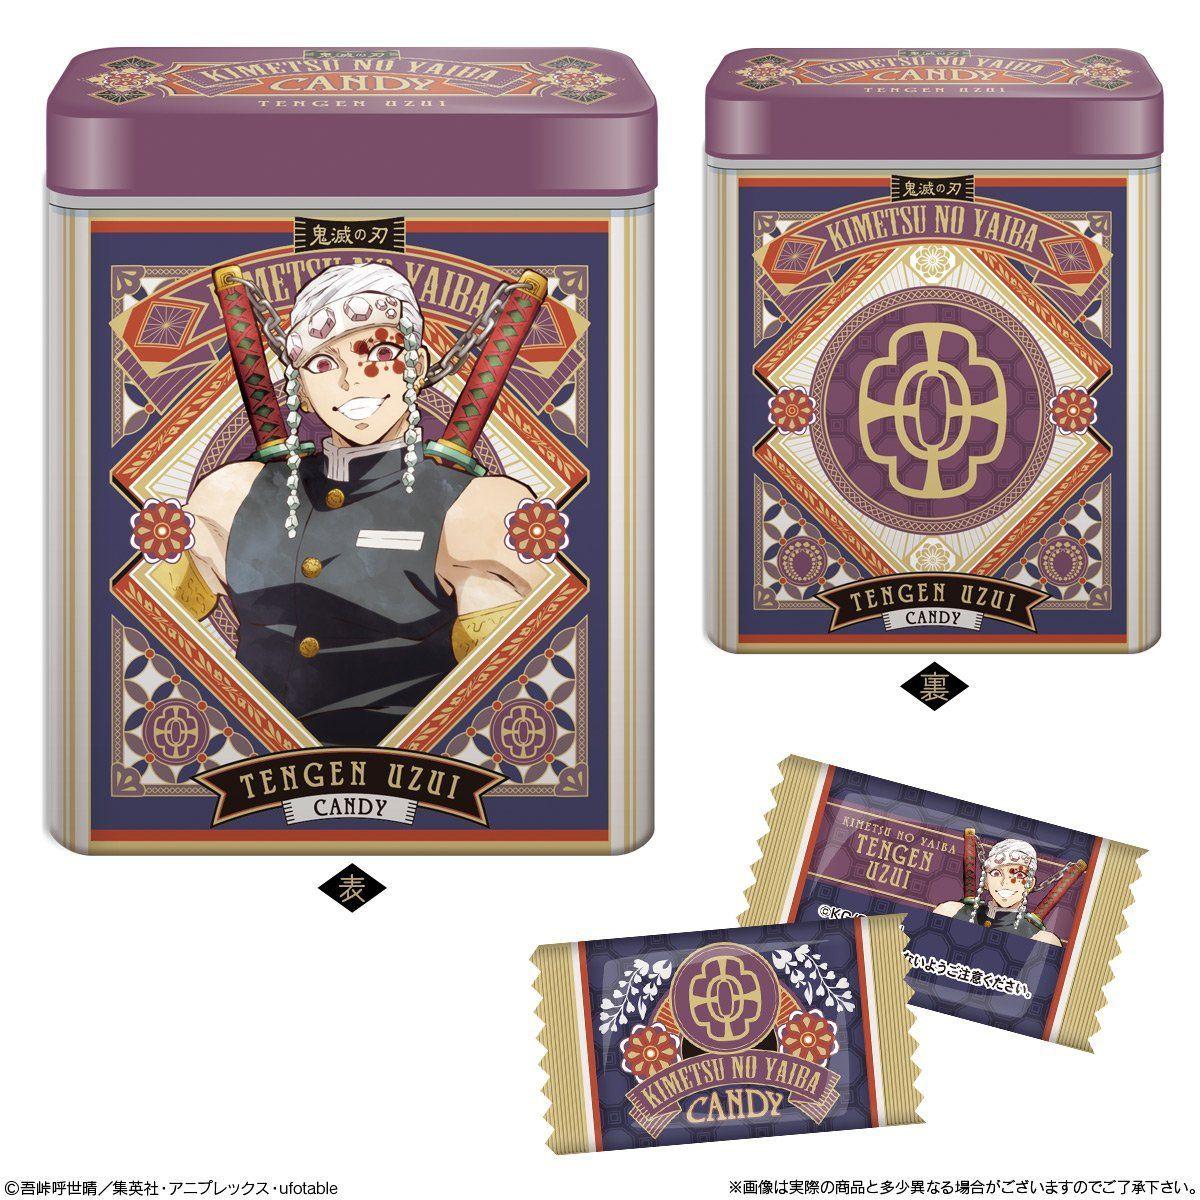 【食玩】『鬼滅の刃 CANDY缶コレクション2』12個入りBOX-004